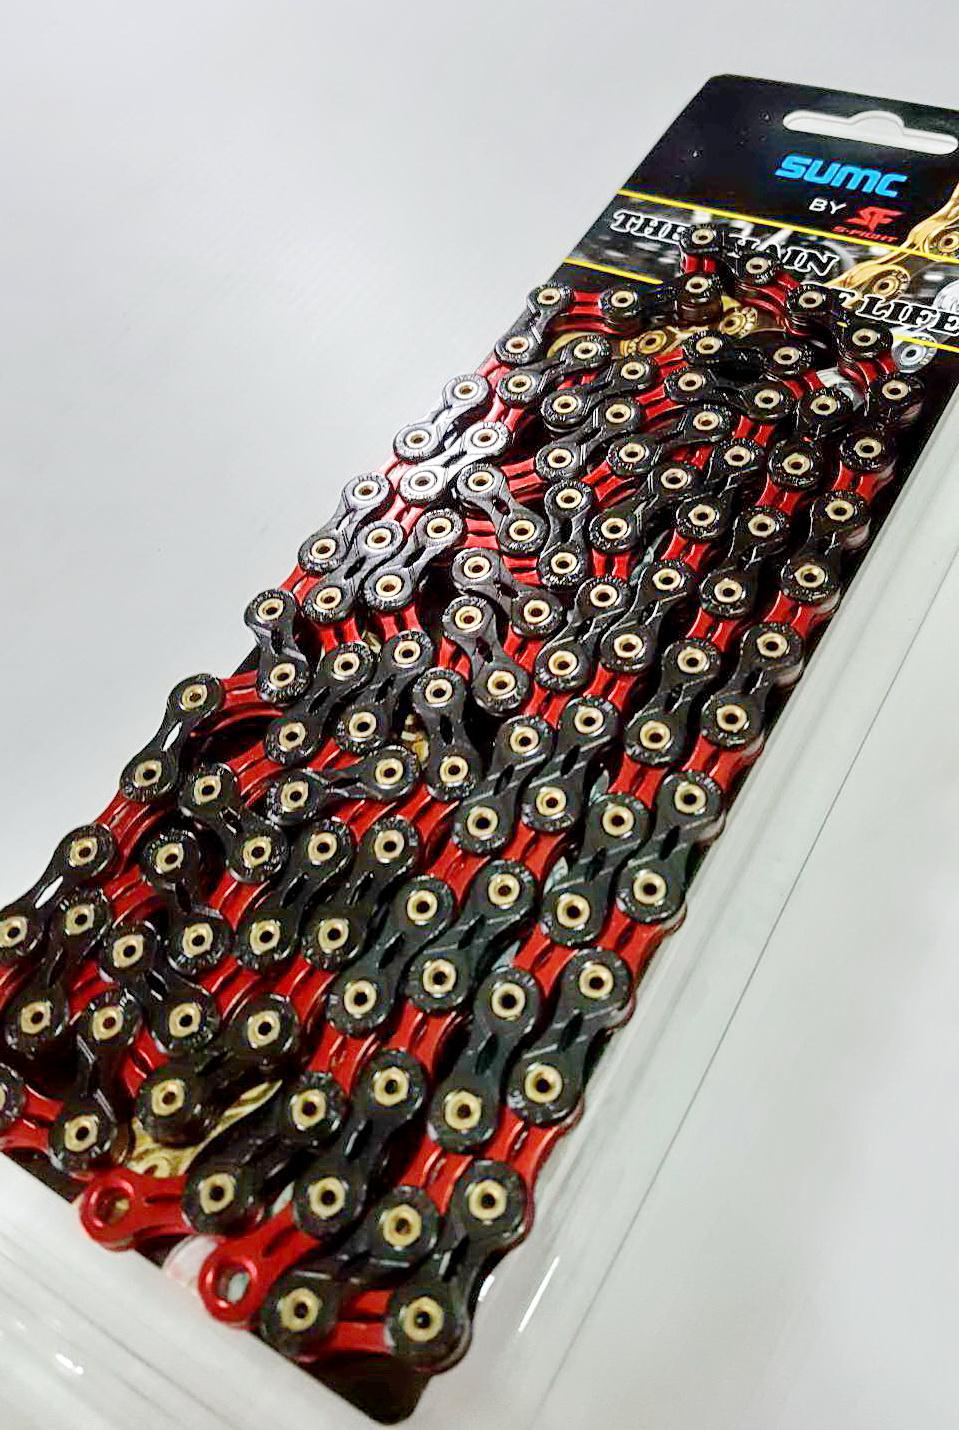 โซ่ดำแดง ชุบไททาเนียม เซาะร่อง S-Fight รุ่น Red Black 11 Speed